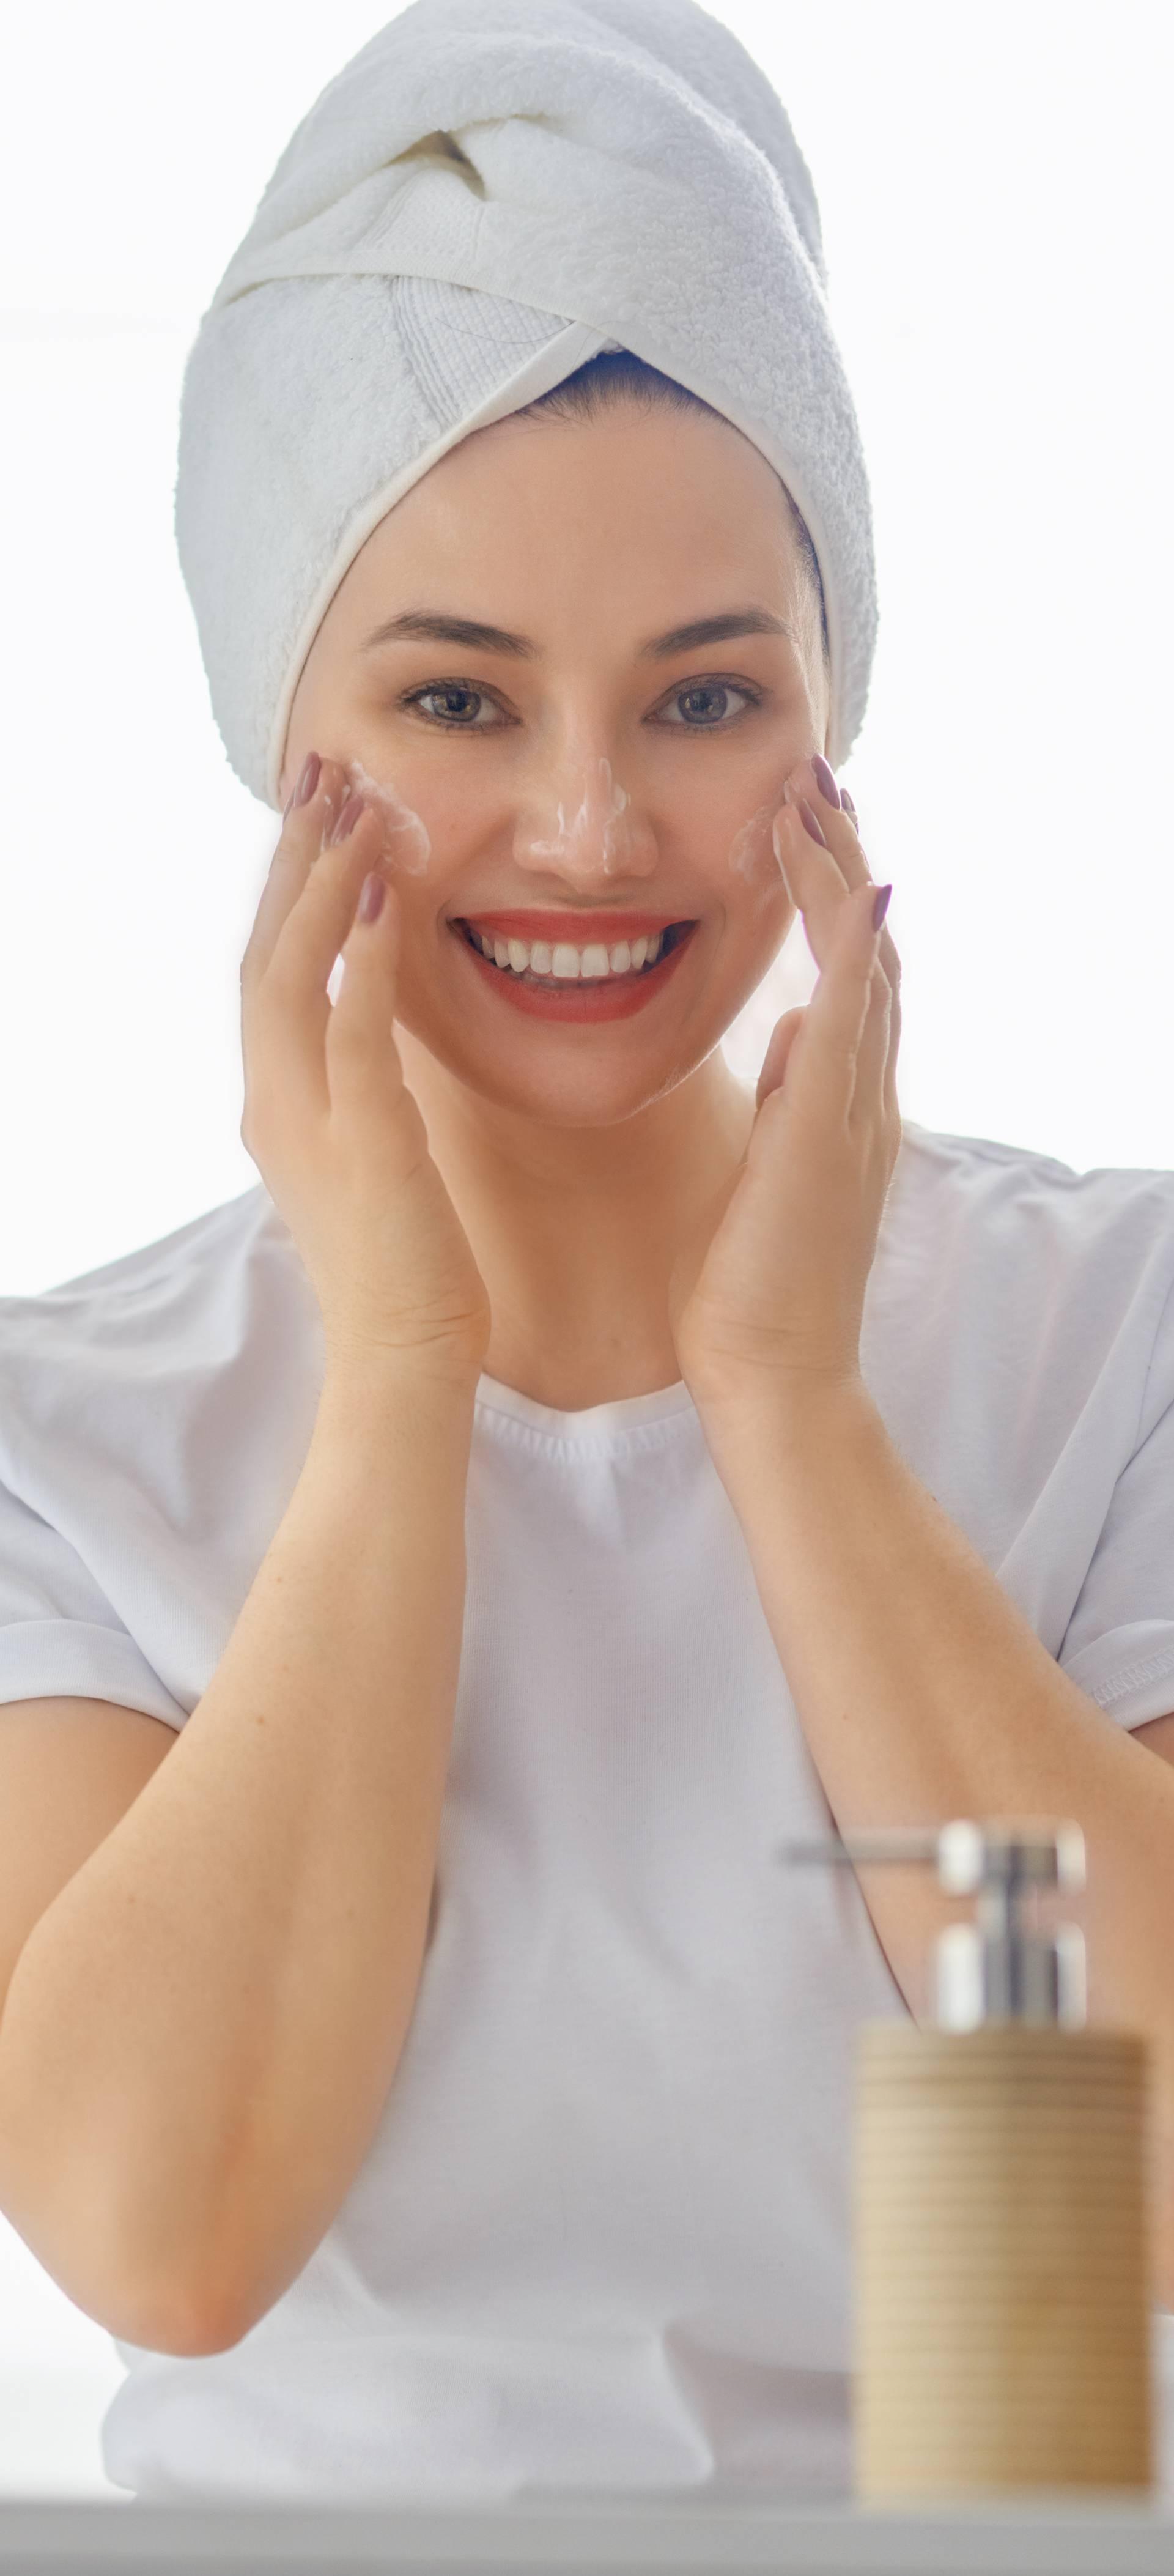 Masnu kožu lica morate čistiti ujutro i navečer i hidratizirati